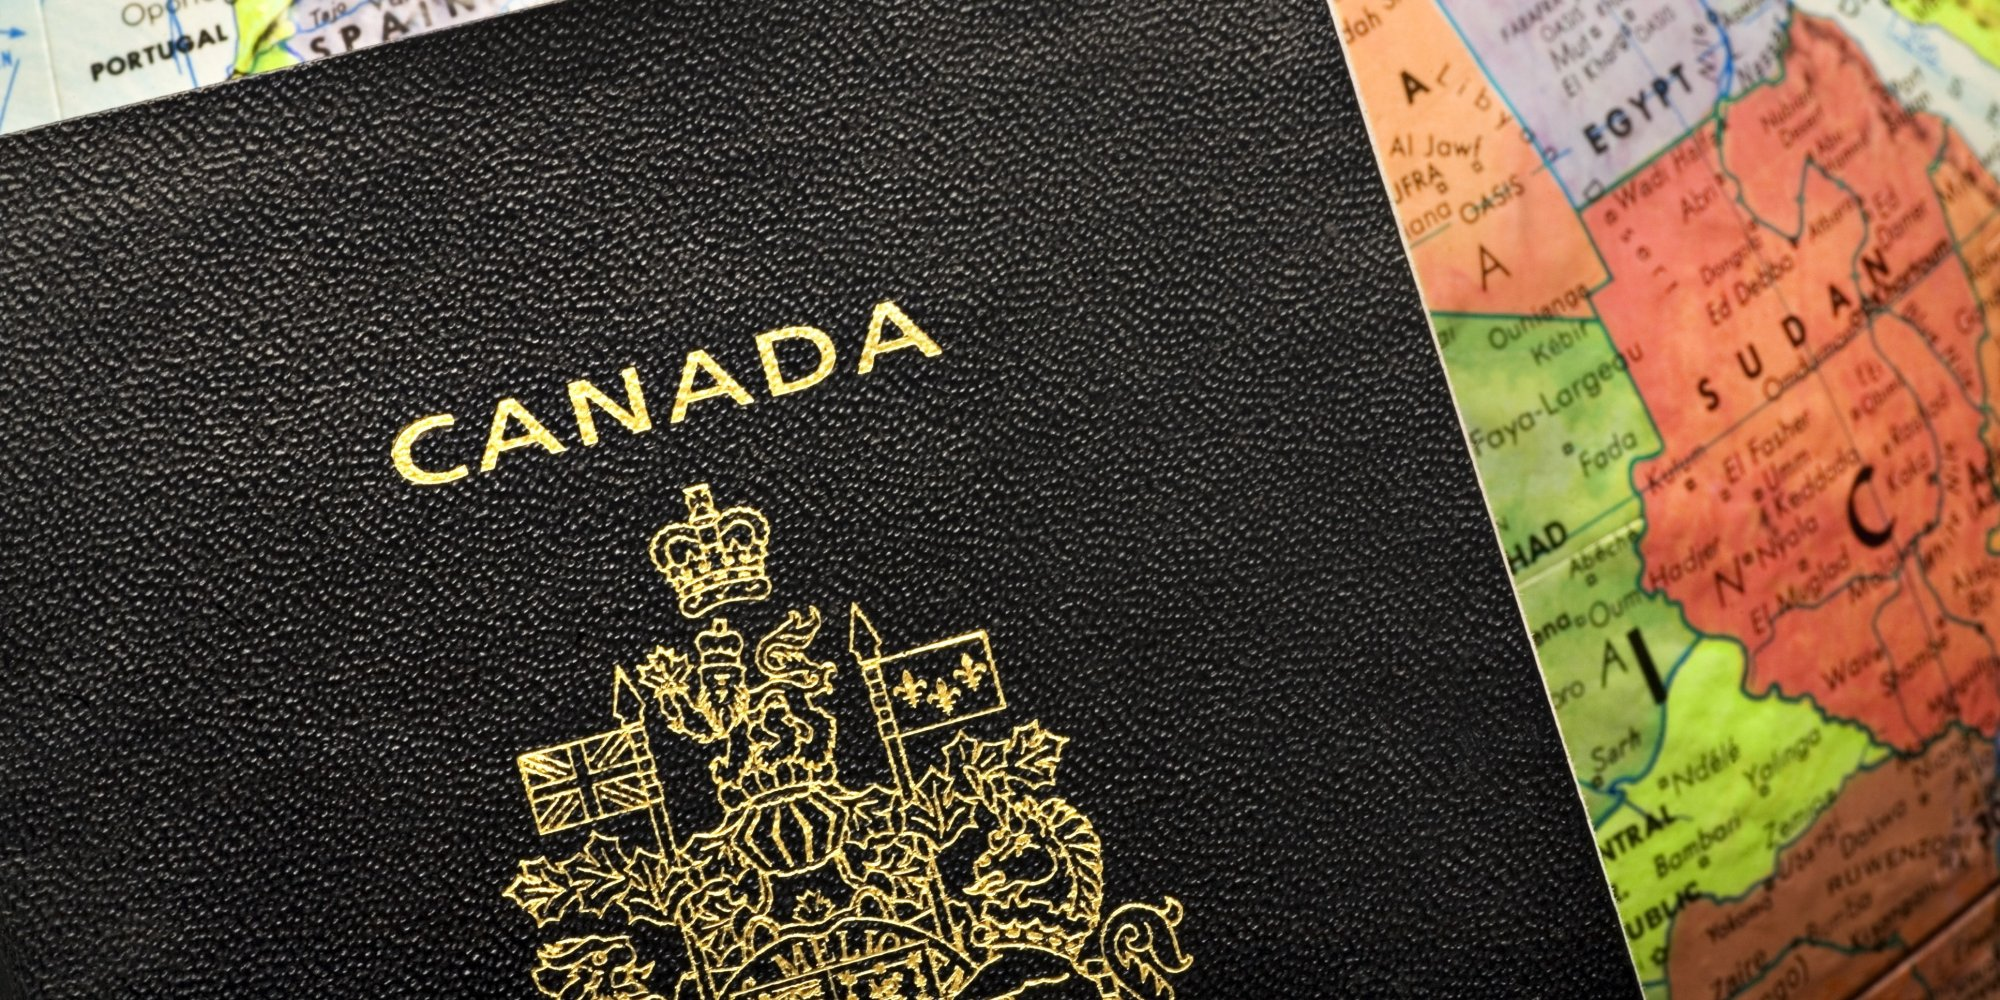 passport-canada